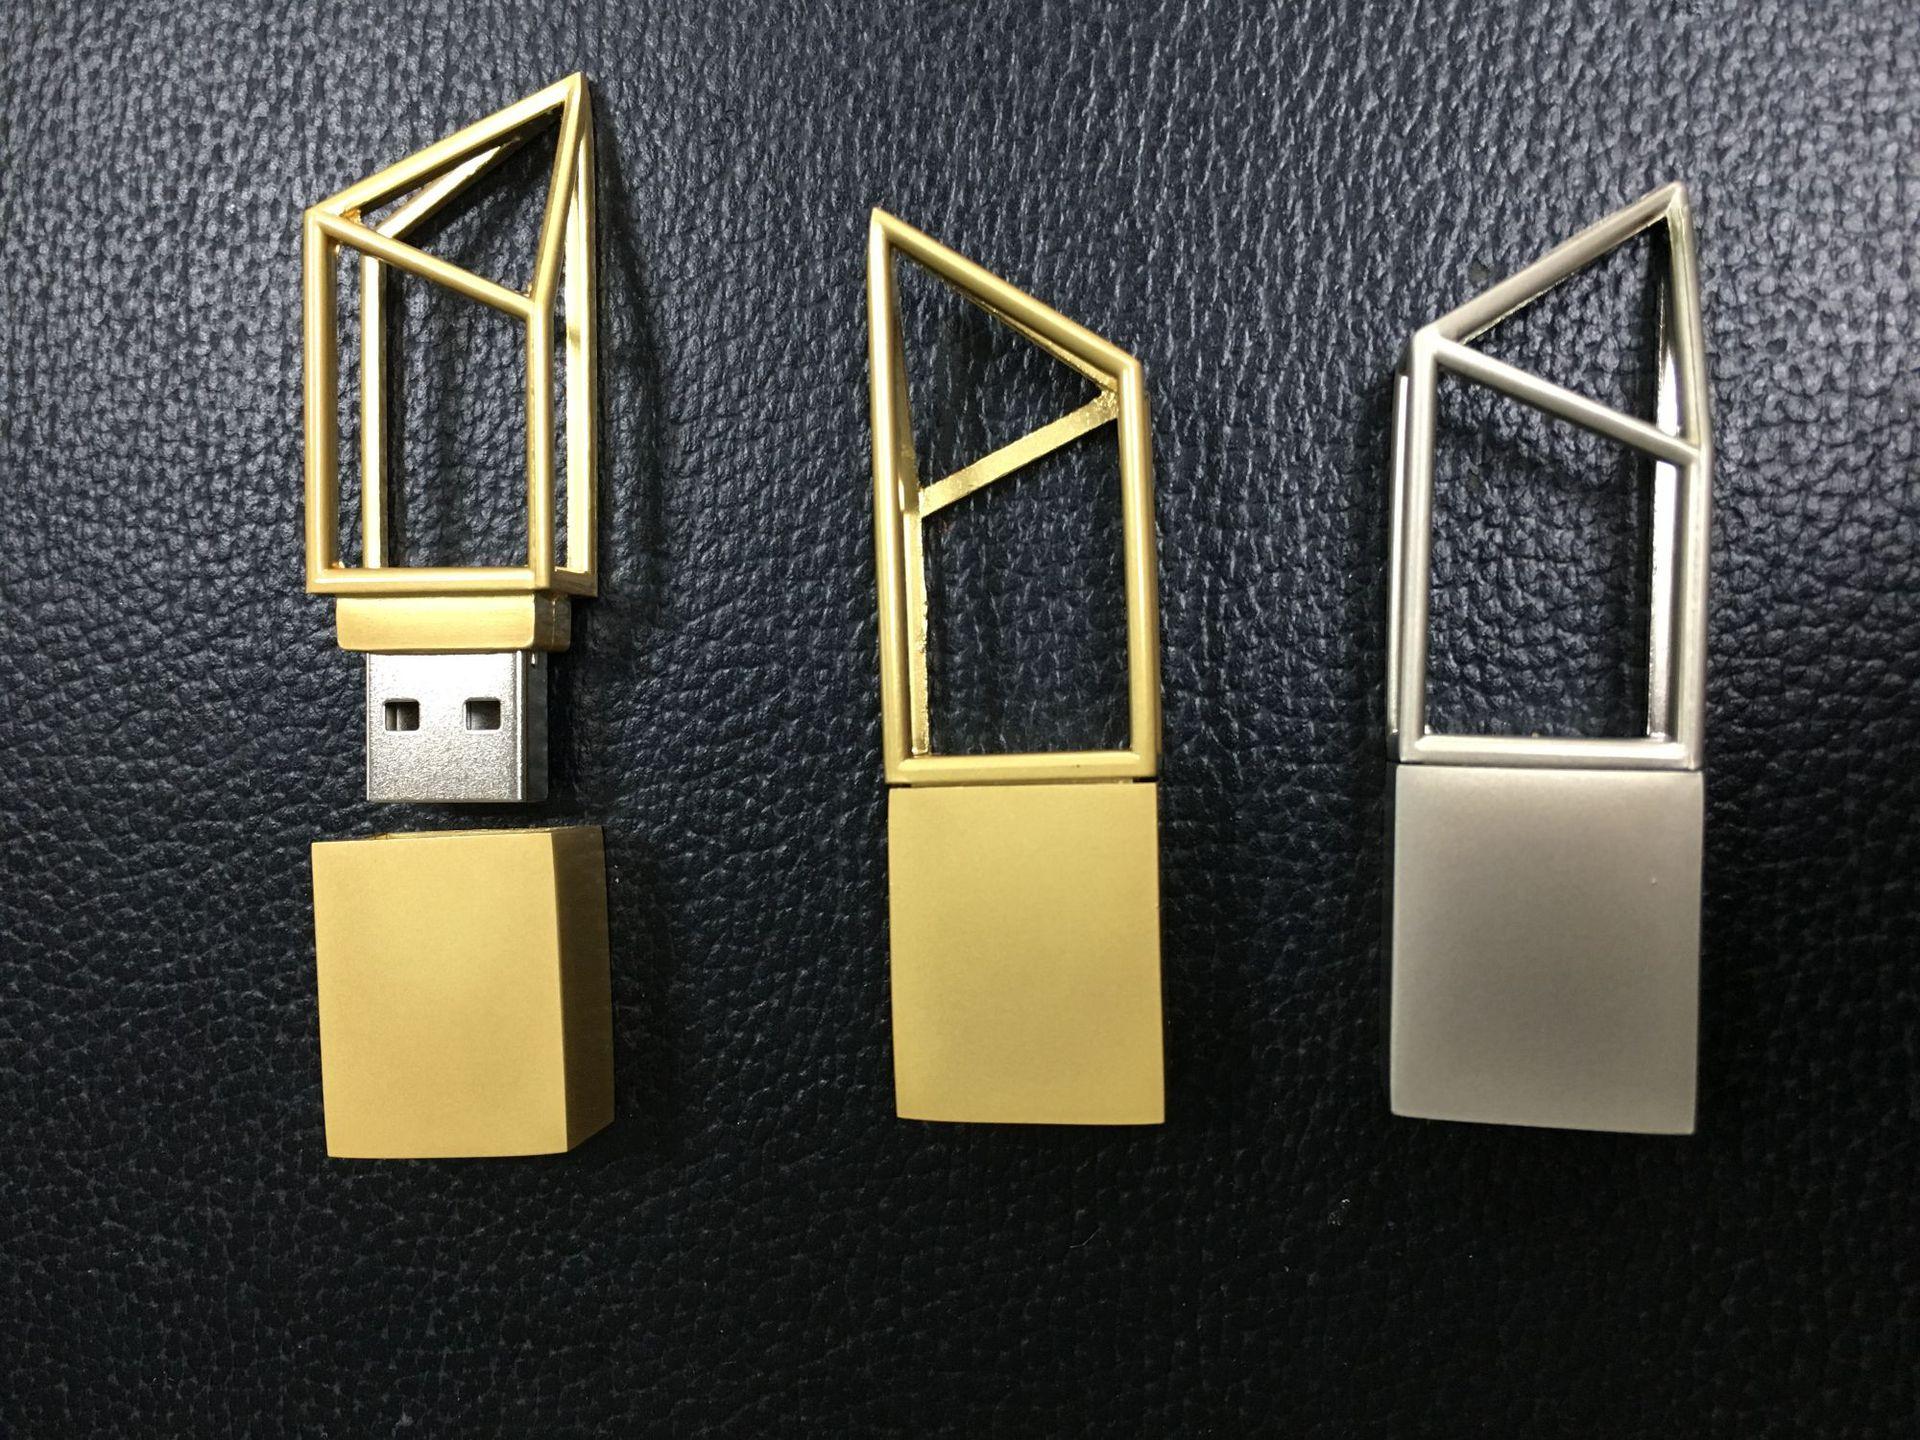 厂家直销 金属镂空U盘 创意礼品U盘 可定制LOGO 可开模定制U盘